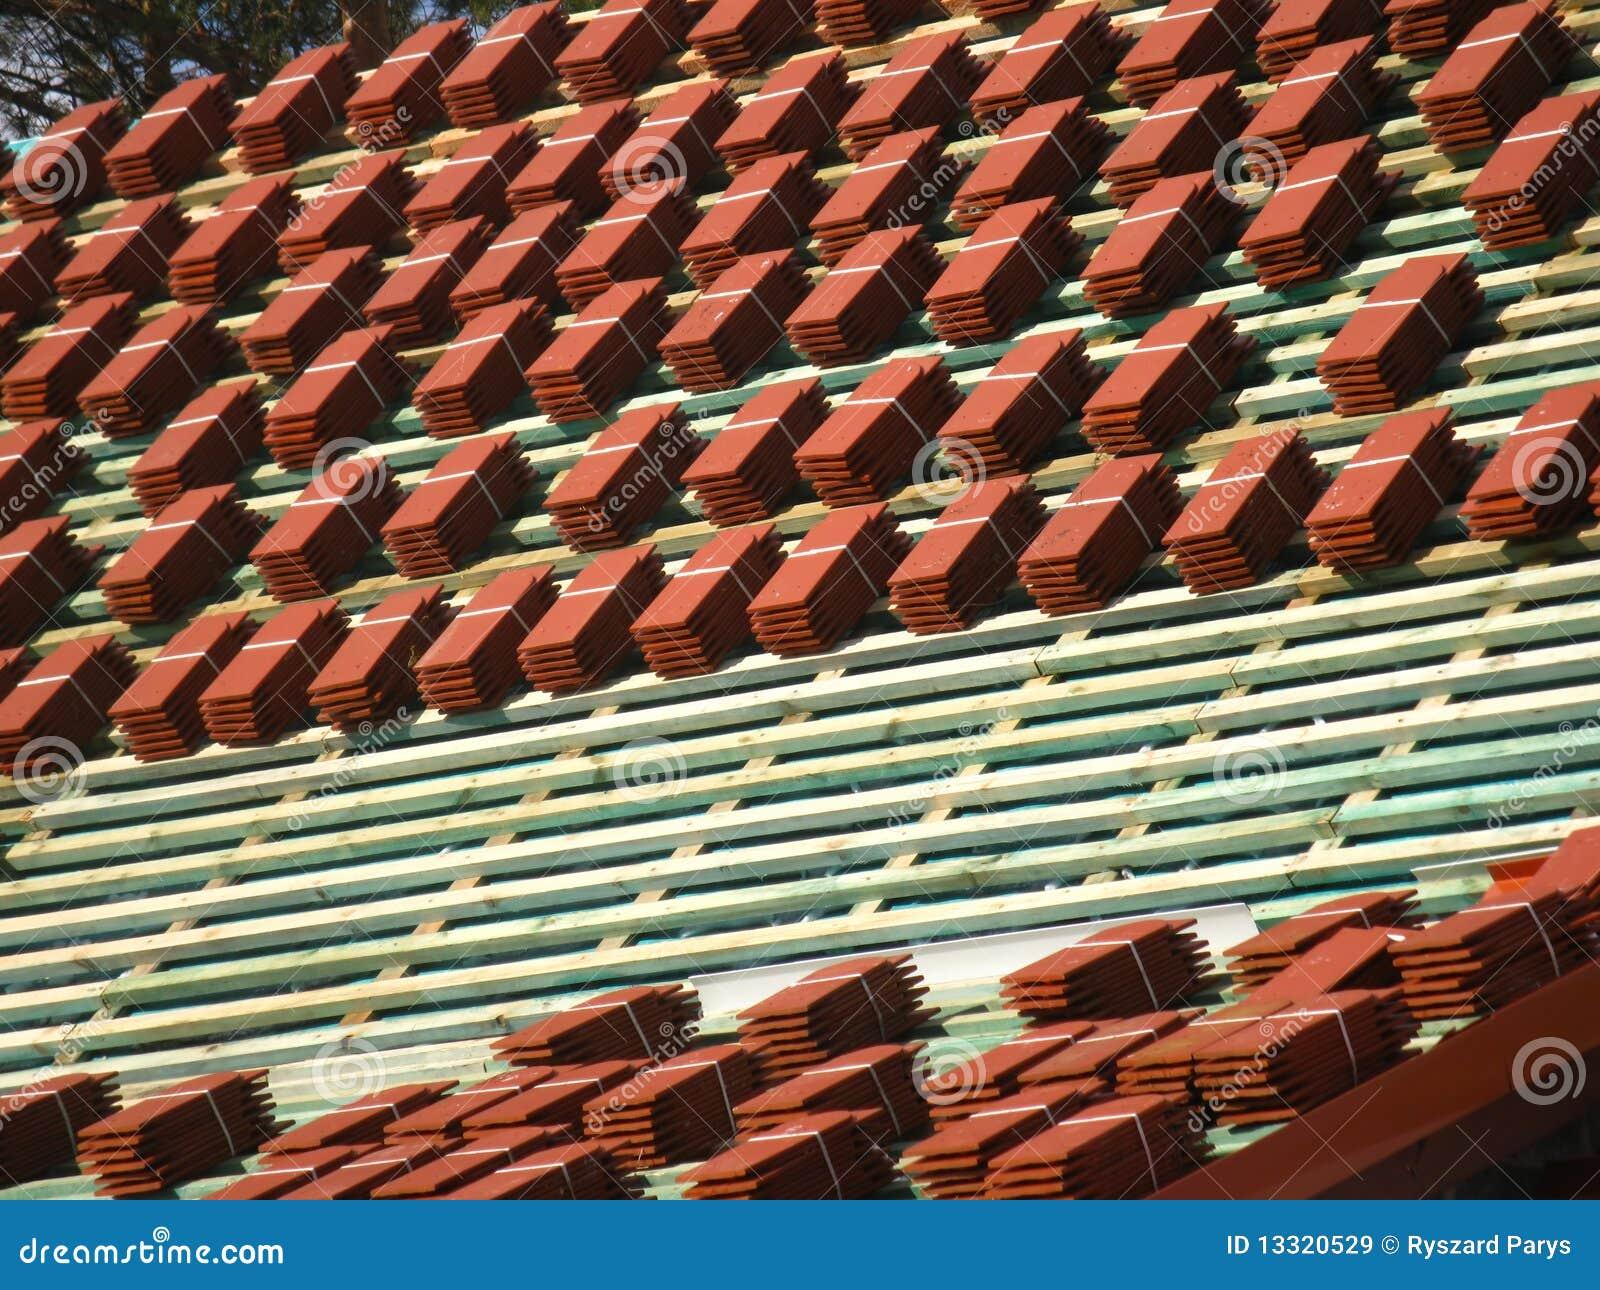 tuiles de toit rouges images libres de droits image 13320529. Black Bedroom Furniture Sets. Home Design Ideas